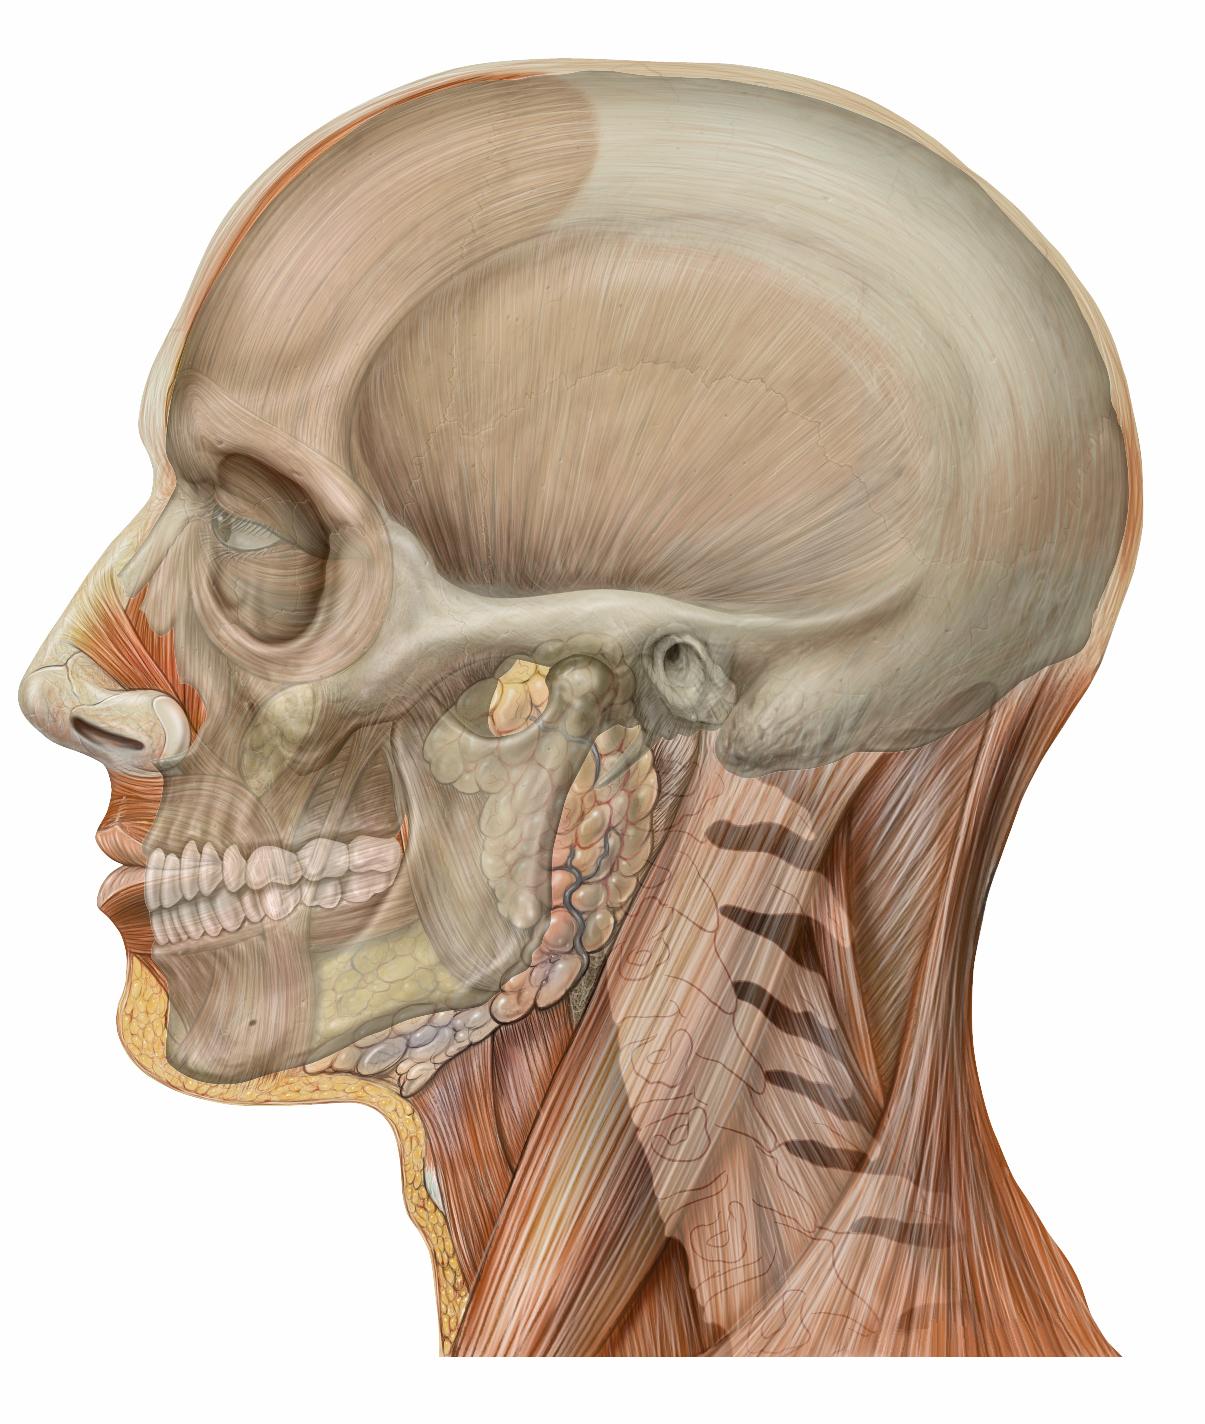 Stem Cells Discovered That Can Repair Facial Bones Longevity Reporter